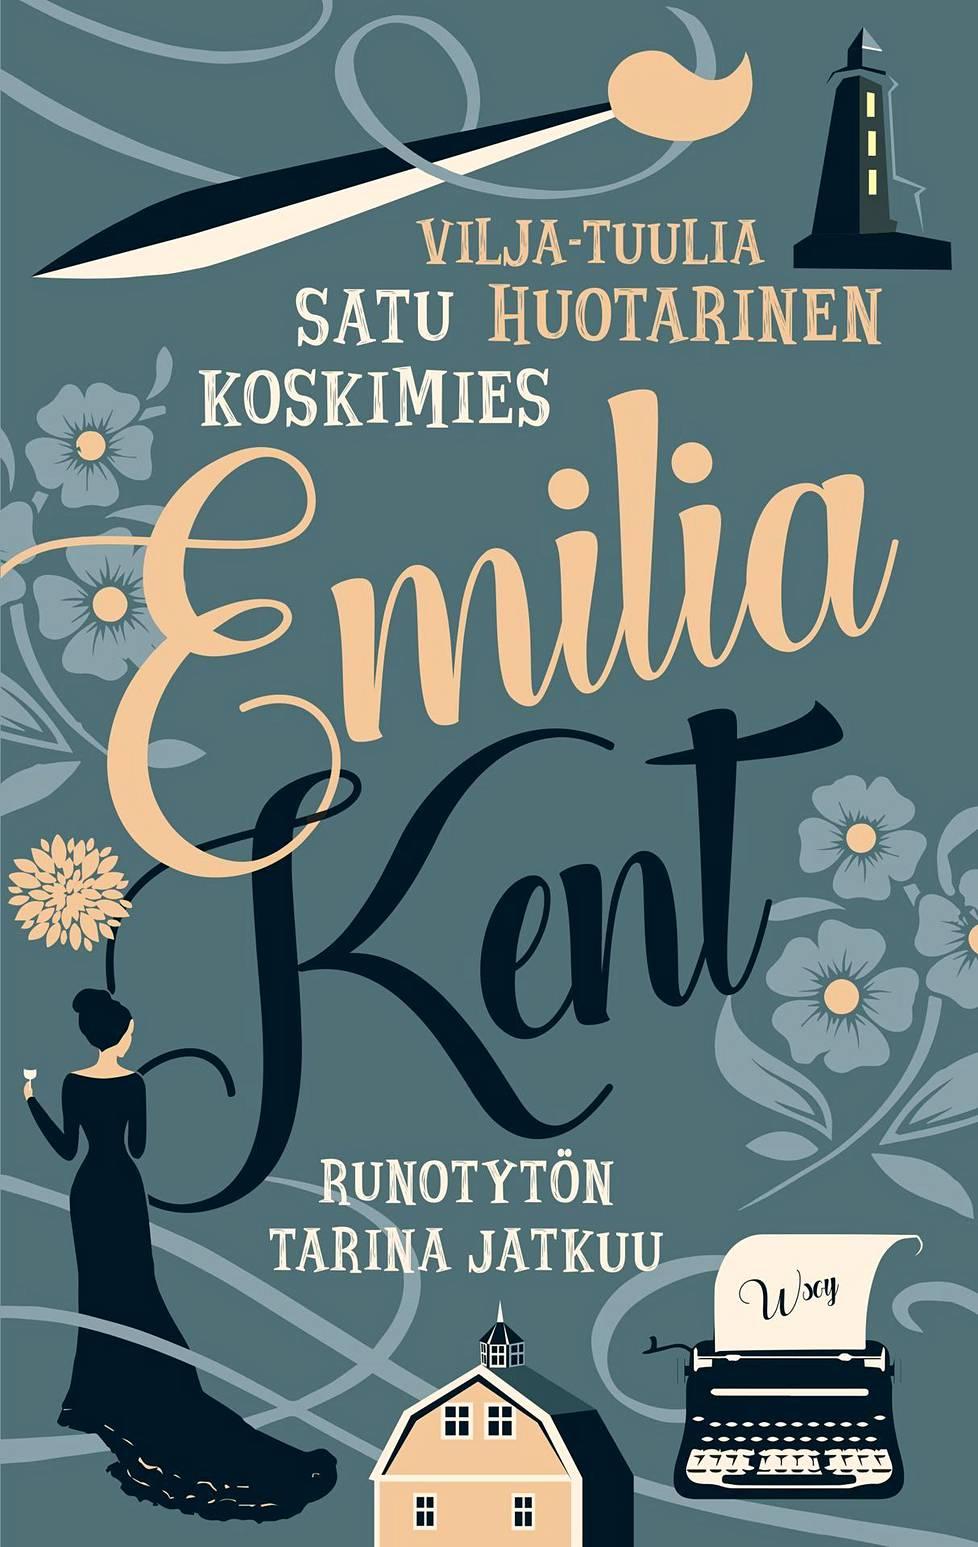 Suomalaiskirjailijoiden fanifiktio jatkaa pienen runotytön tarinaa upeasti, piristävän ...